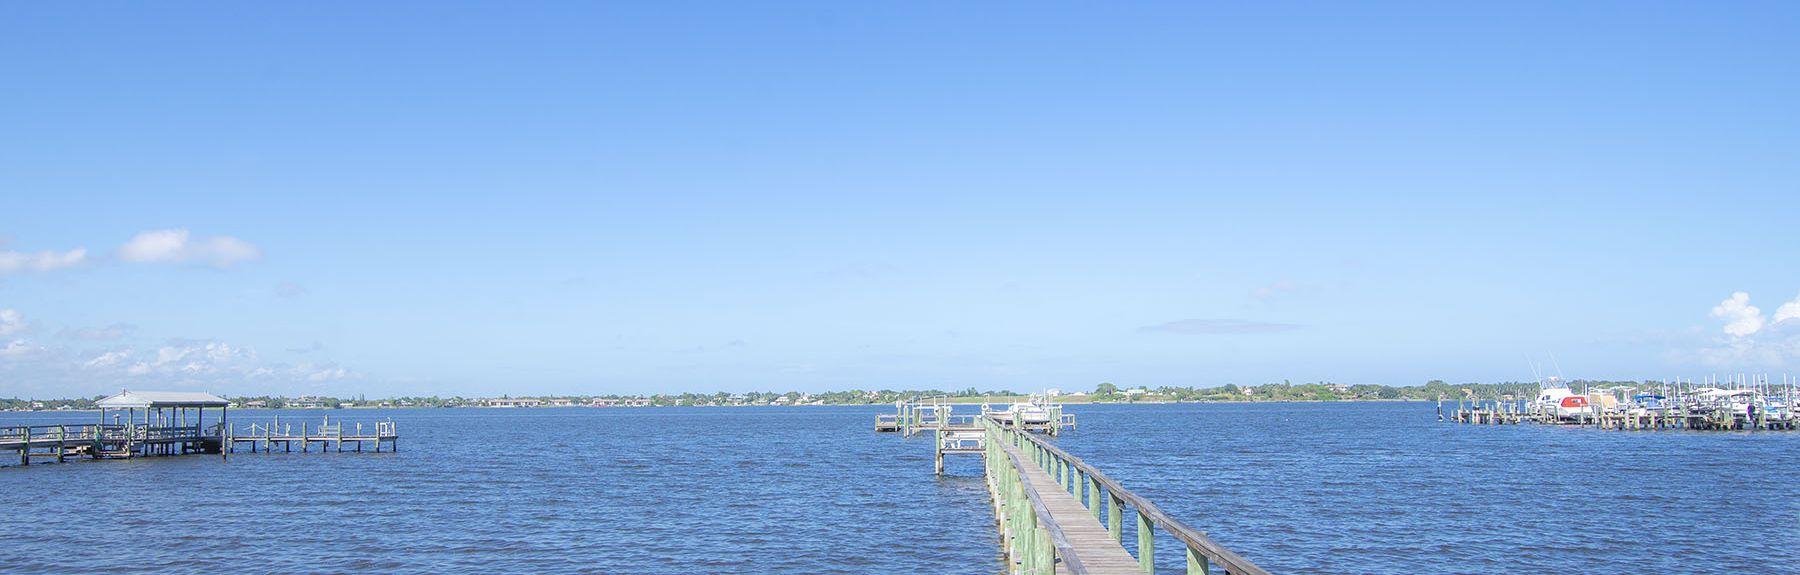 St. Lucie County Aquarium, Fort Pierce, Floride, États-Unis d'Amérique